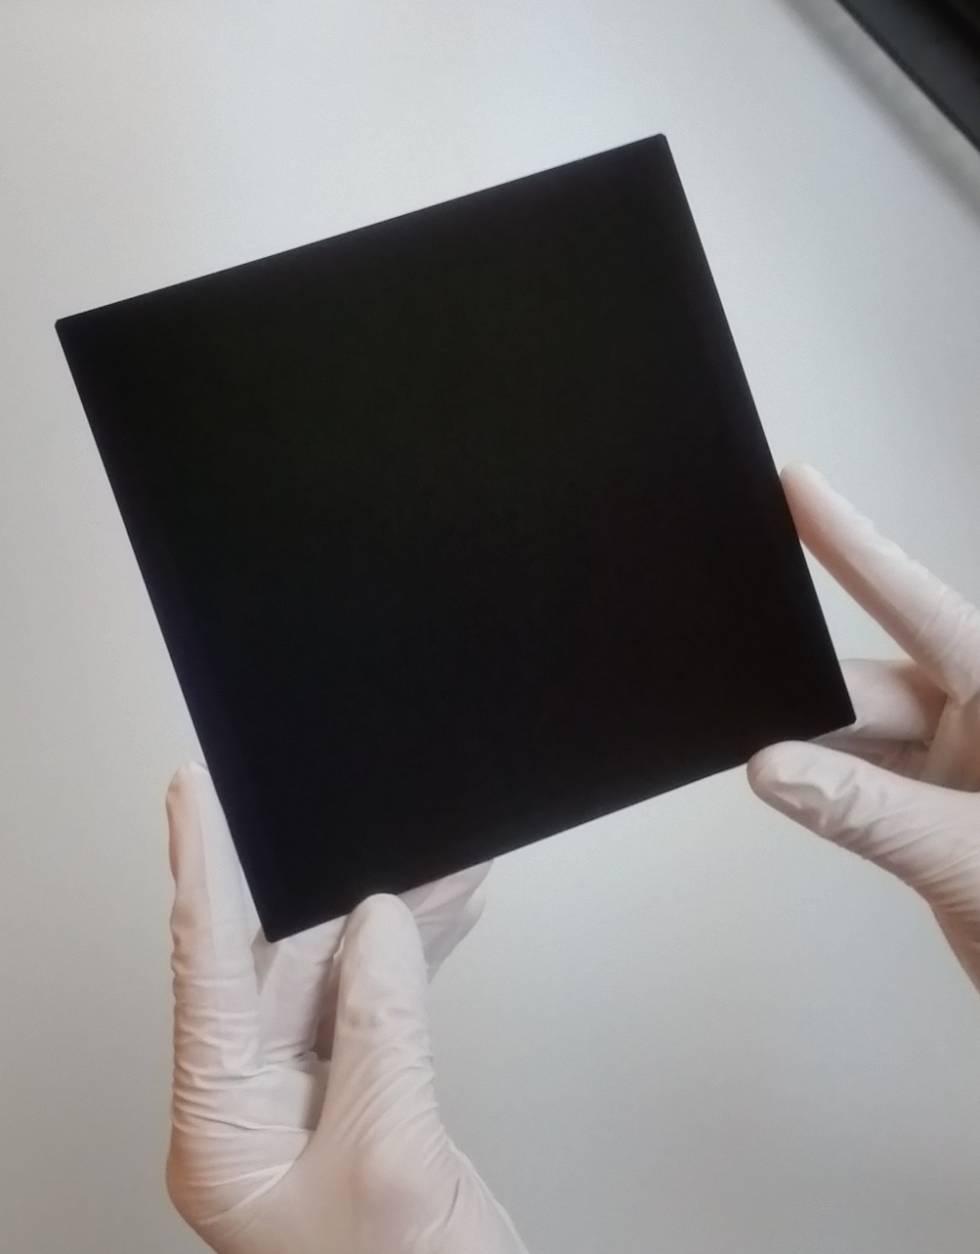 Creada la célula solar más eficiente hasta el momento